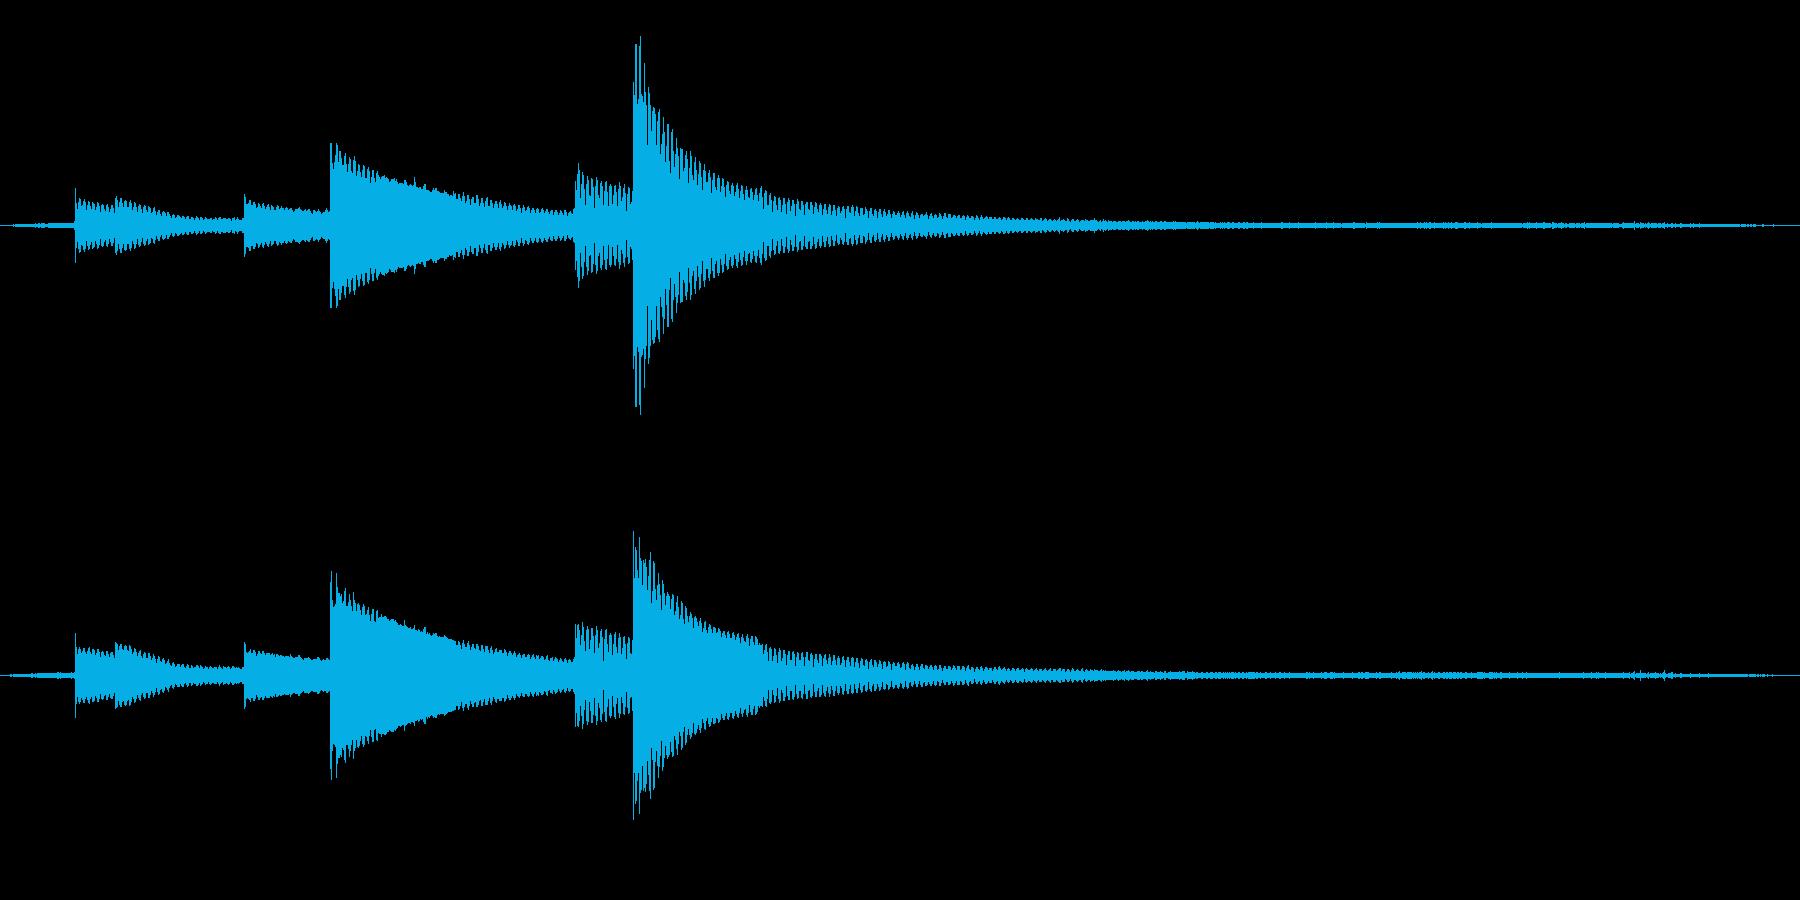 風鈴と鳥と虫の音 02の再生済みの波形